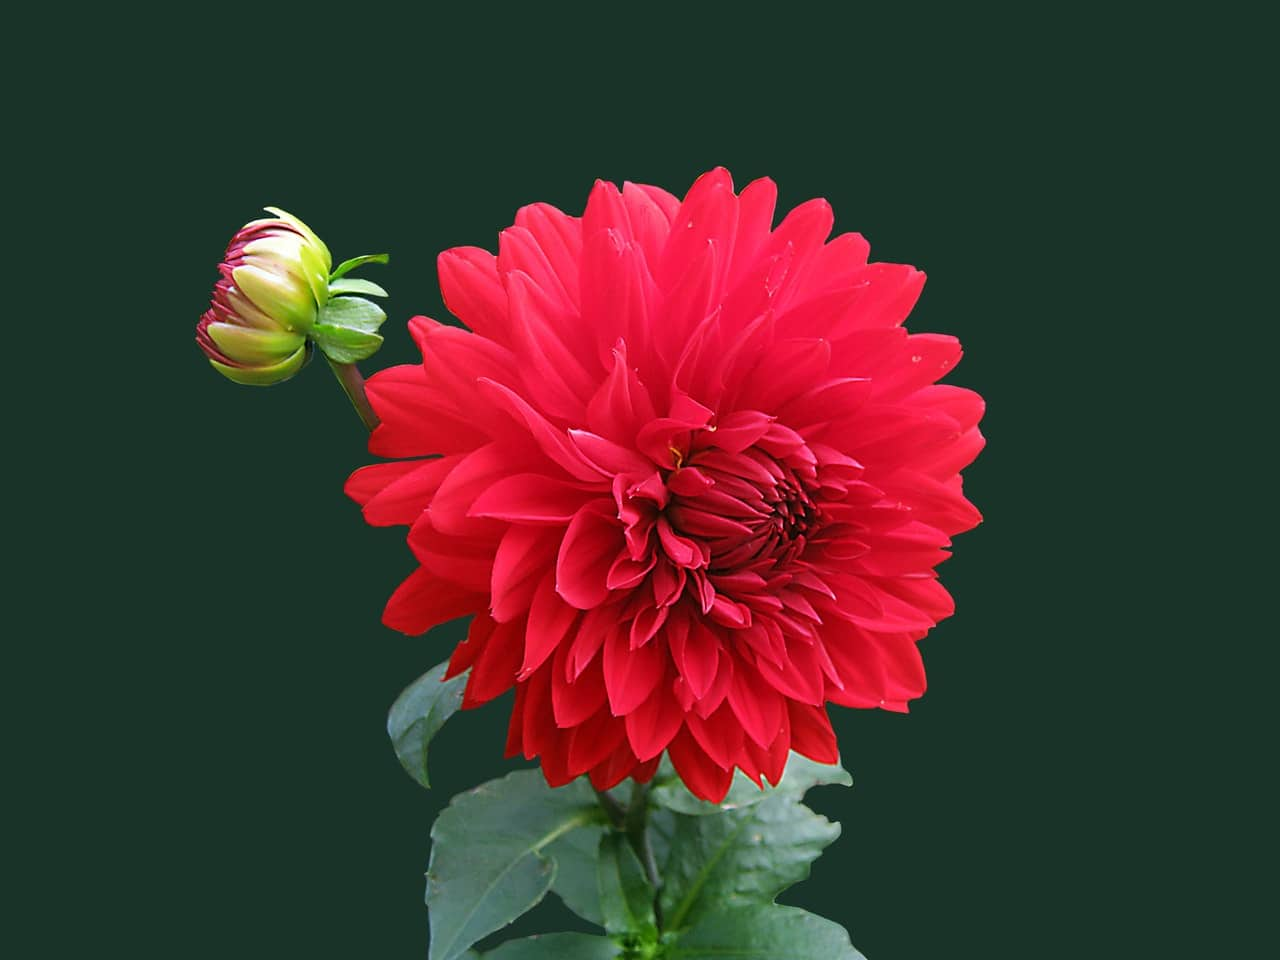 Flor vermelha desabrochando